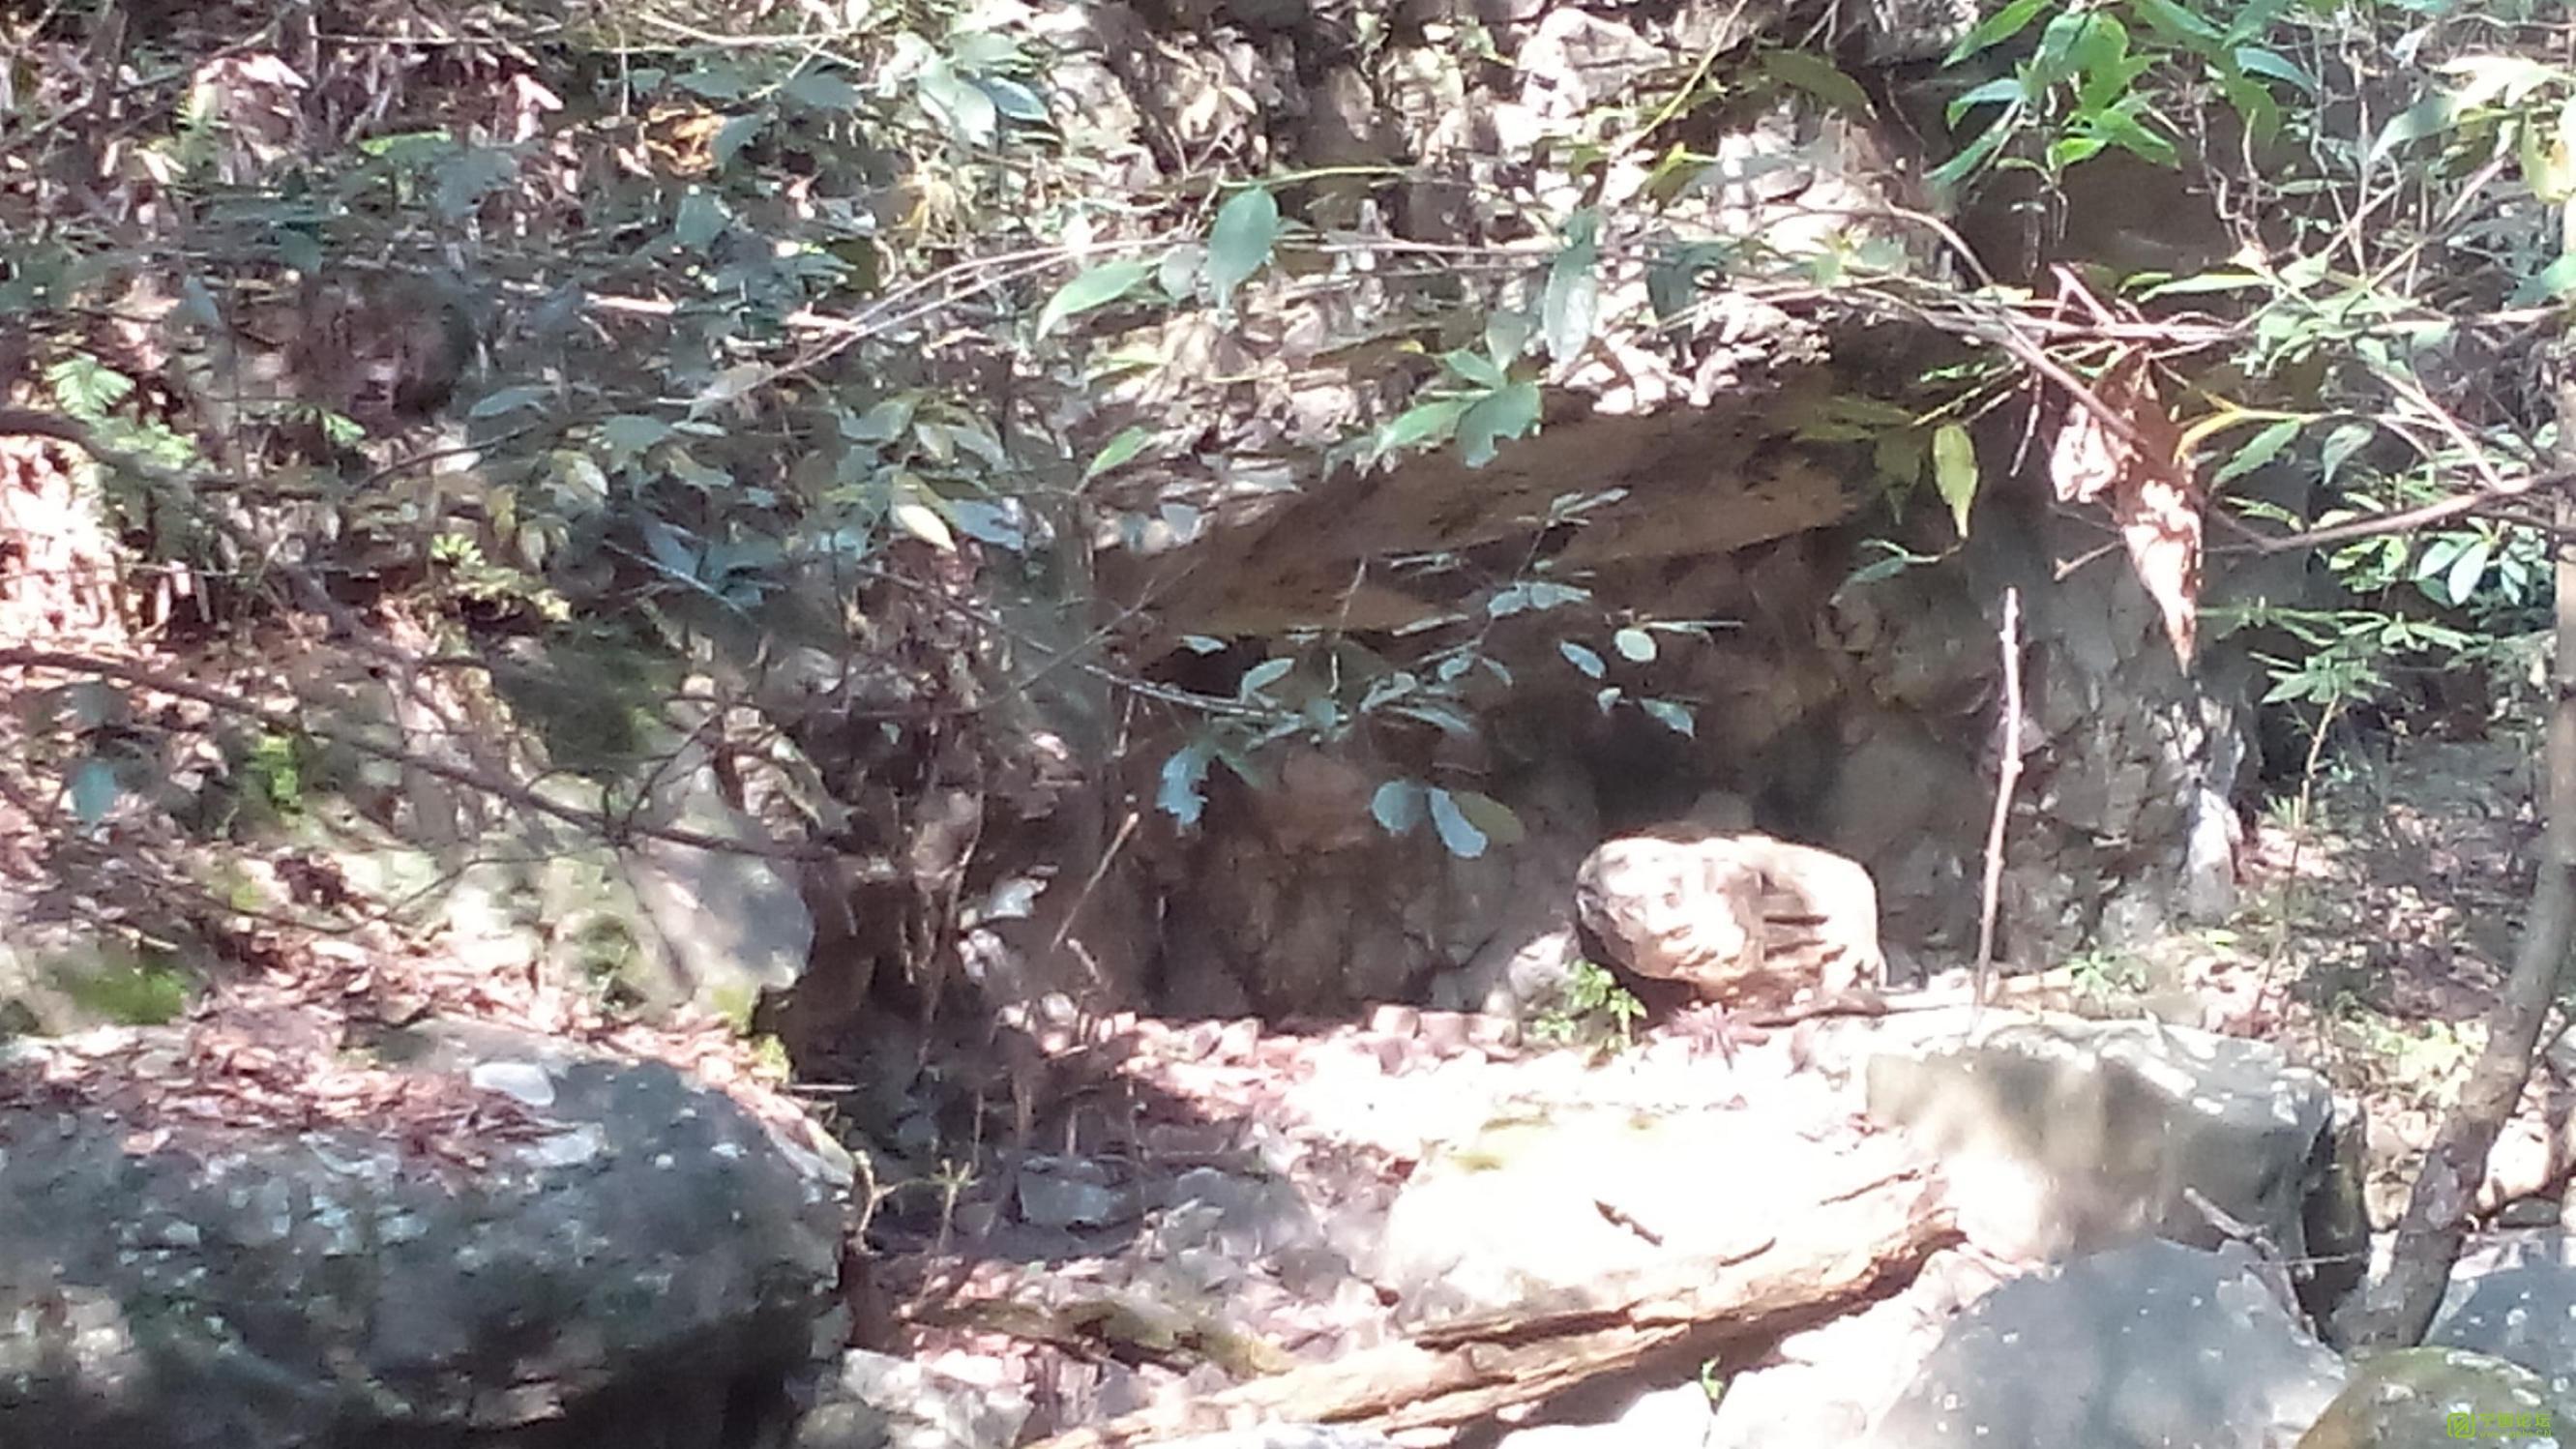 藏山韵水--高峰铁瓦寺 - 宁国论坛 - 图片4.jpg